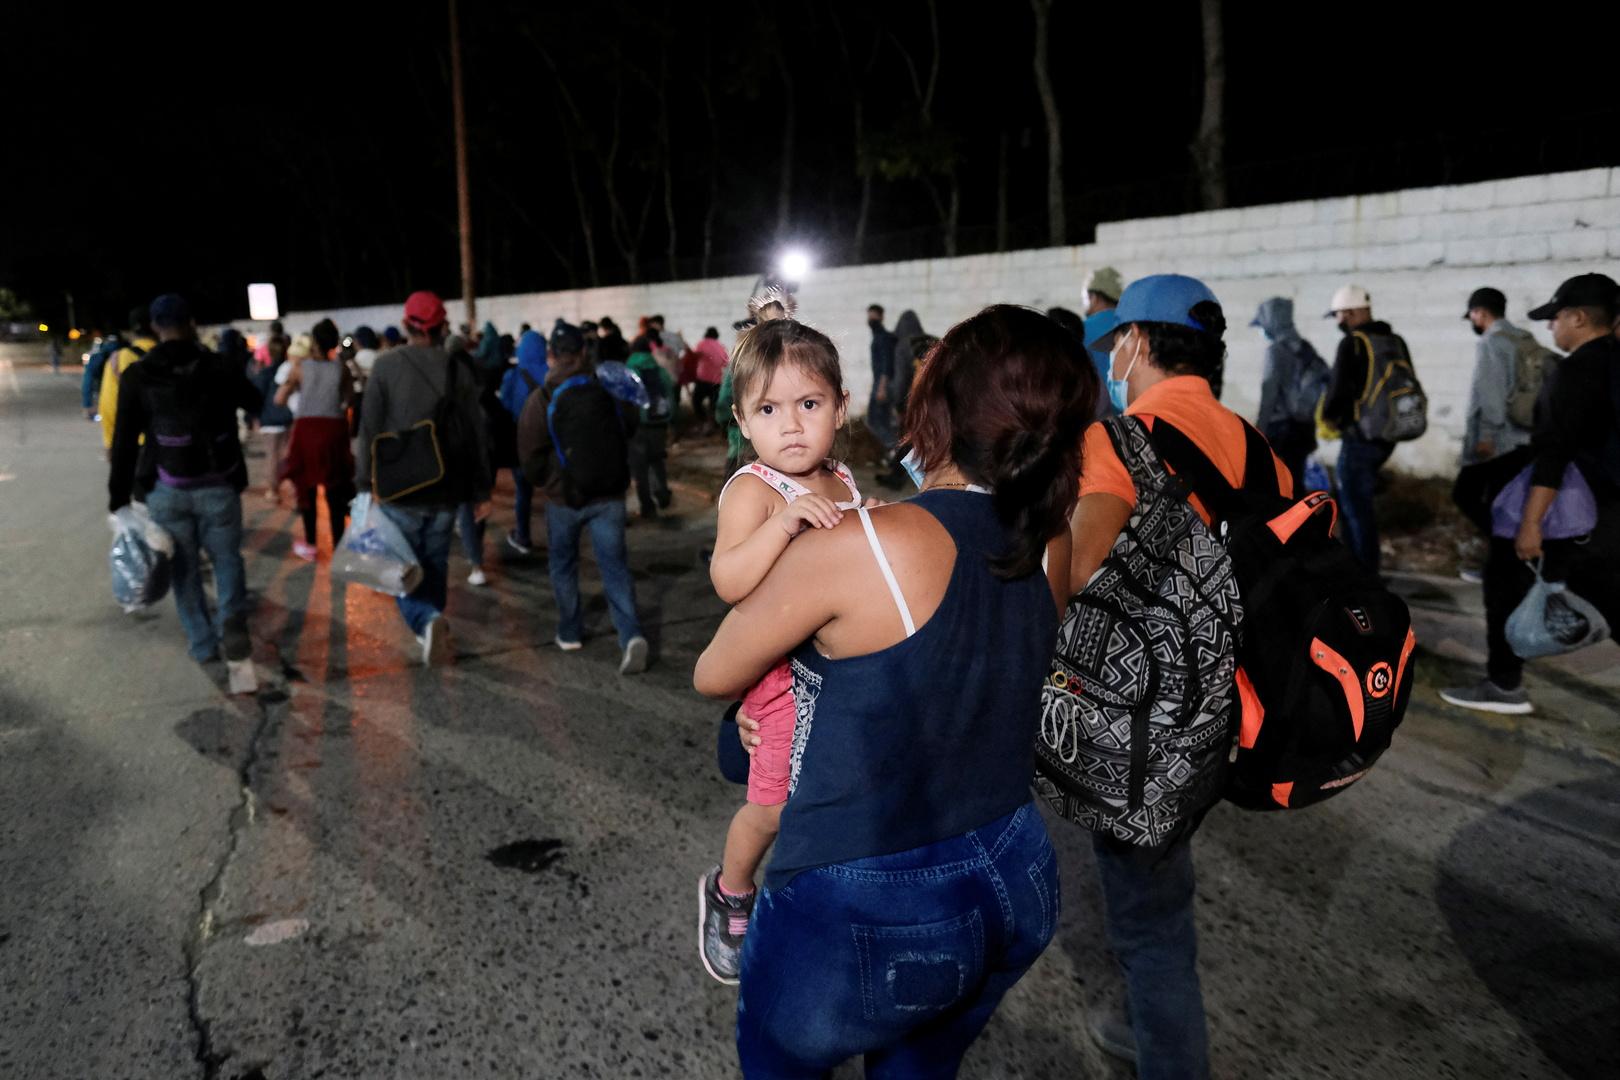 قافلة من مئات المهاجرين تغادر هندوراس متوجهة إلى الولايات المتحدة